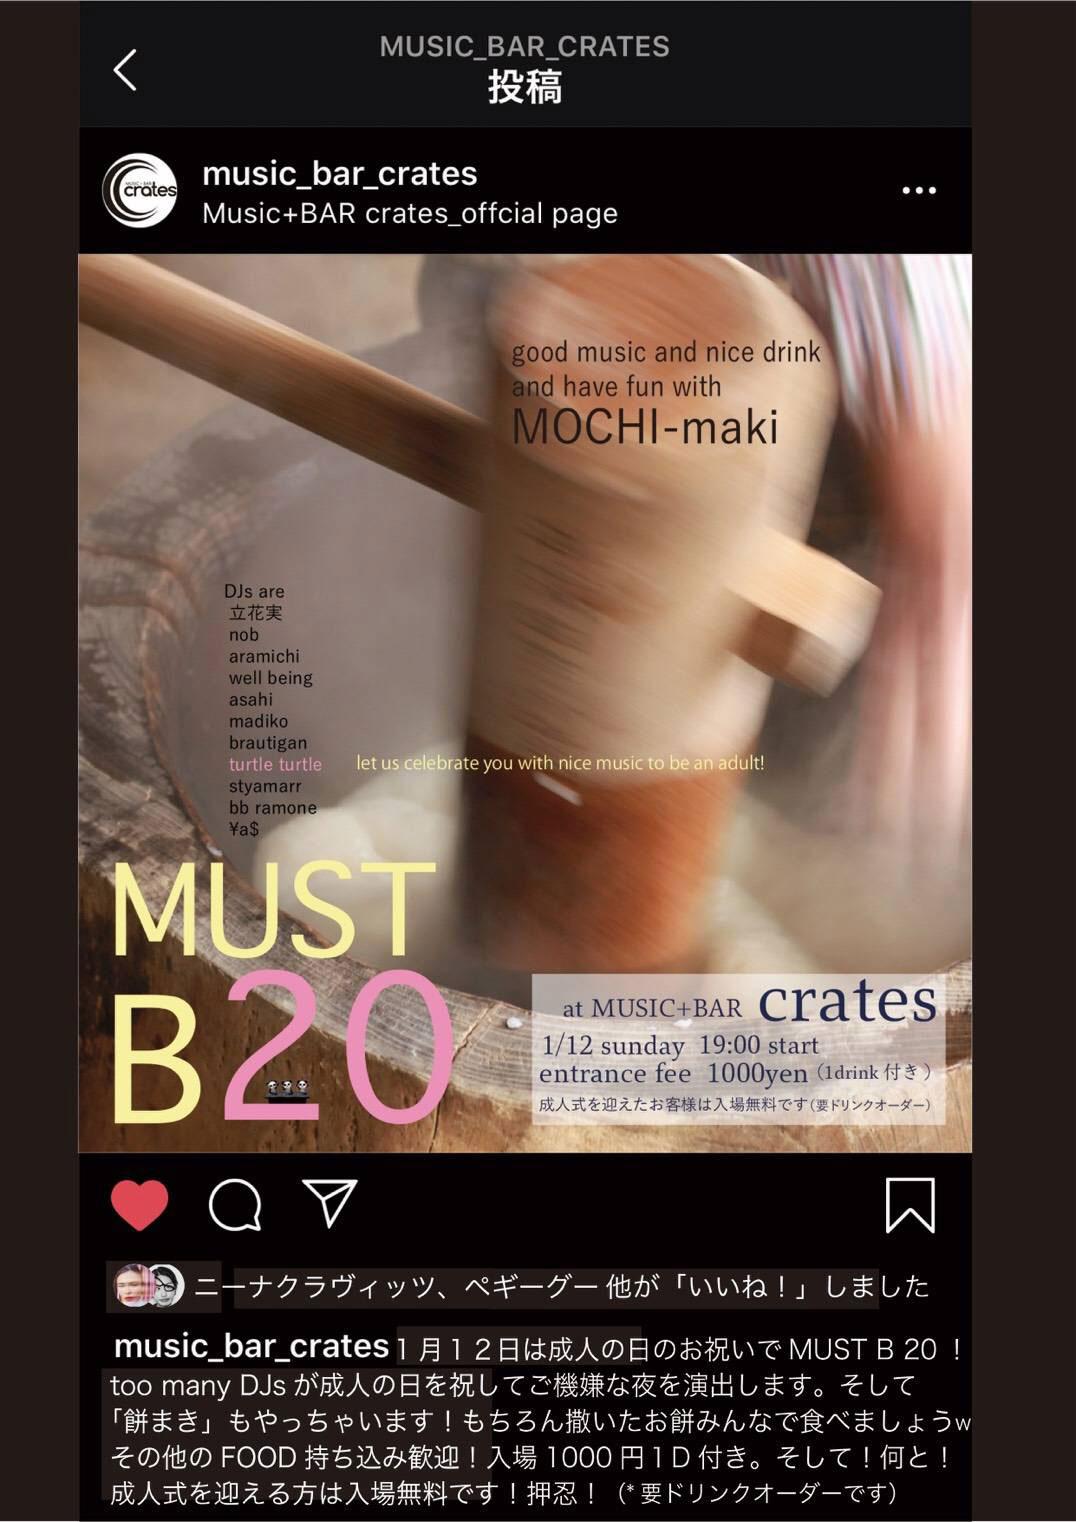 MUST B20